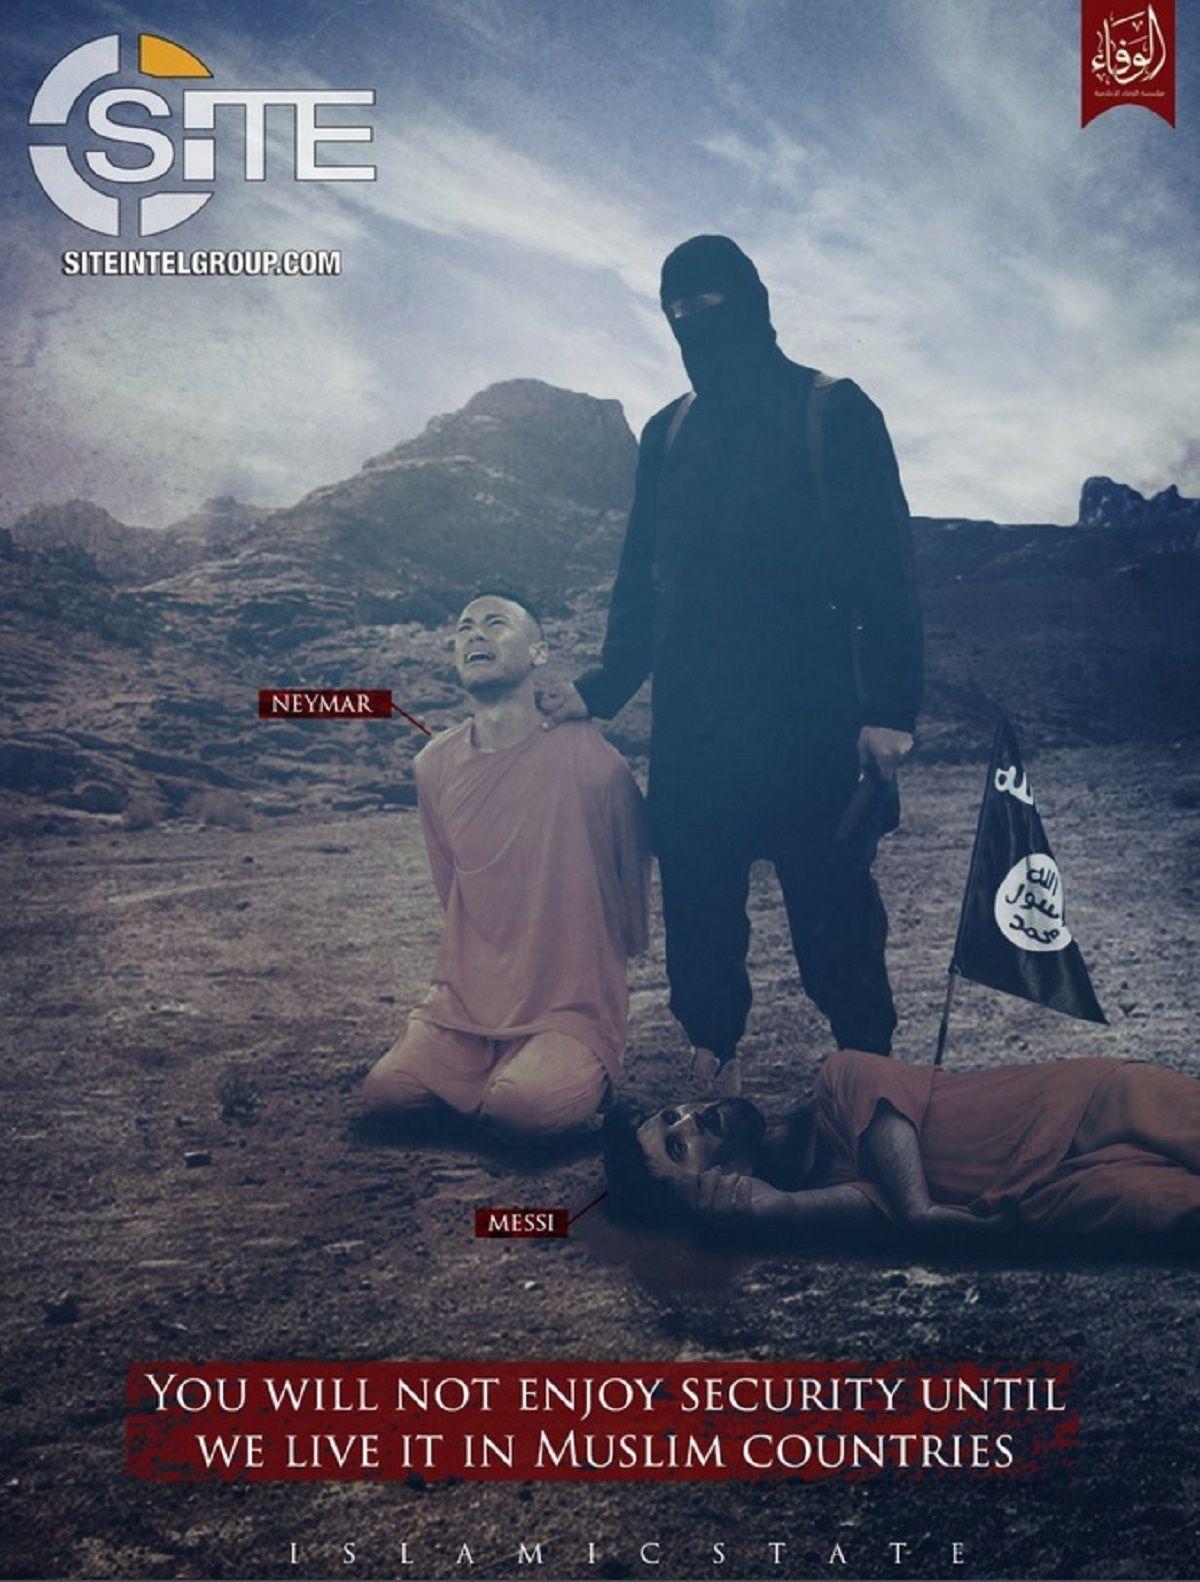 La nueva y escalofriante amenaza de ISIS contra Messi